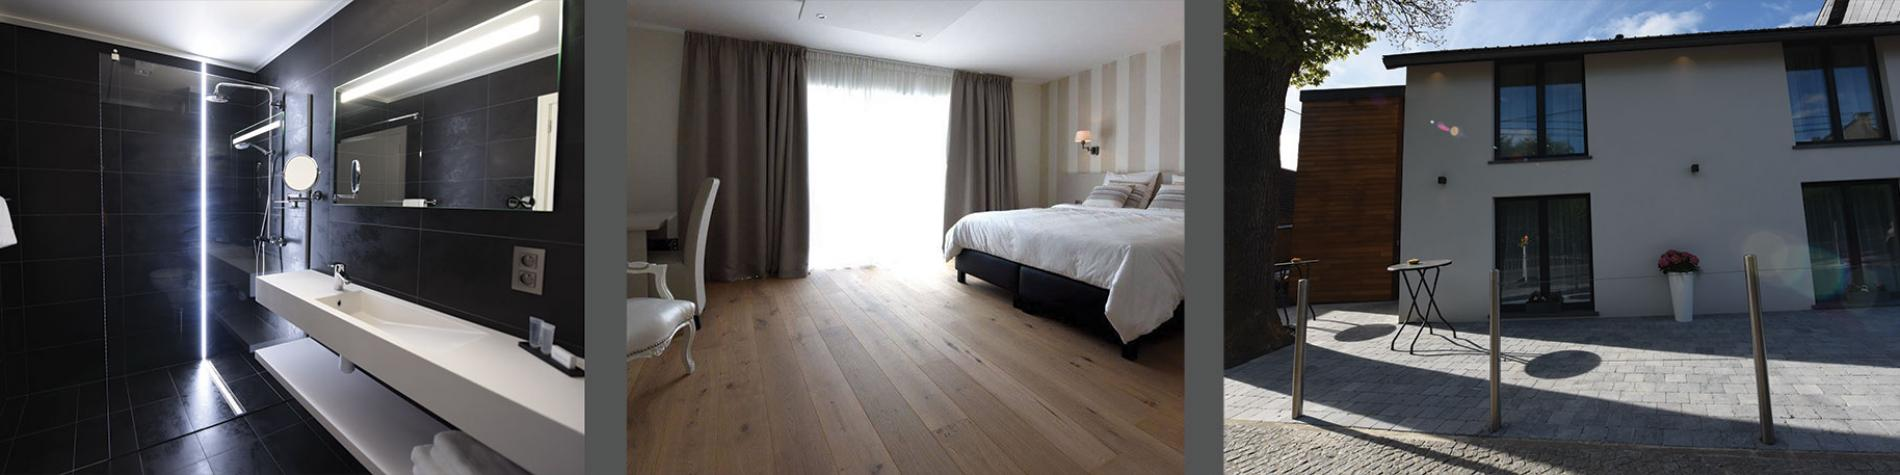 Le 24 - Hôtel - Spa